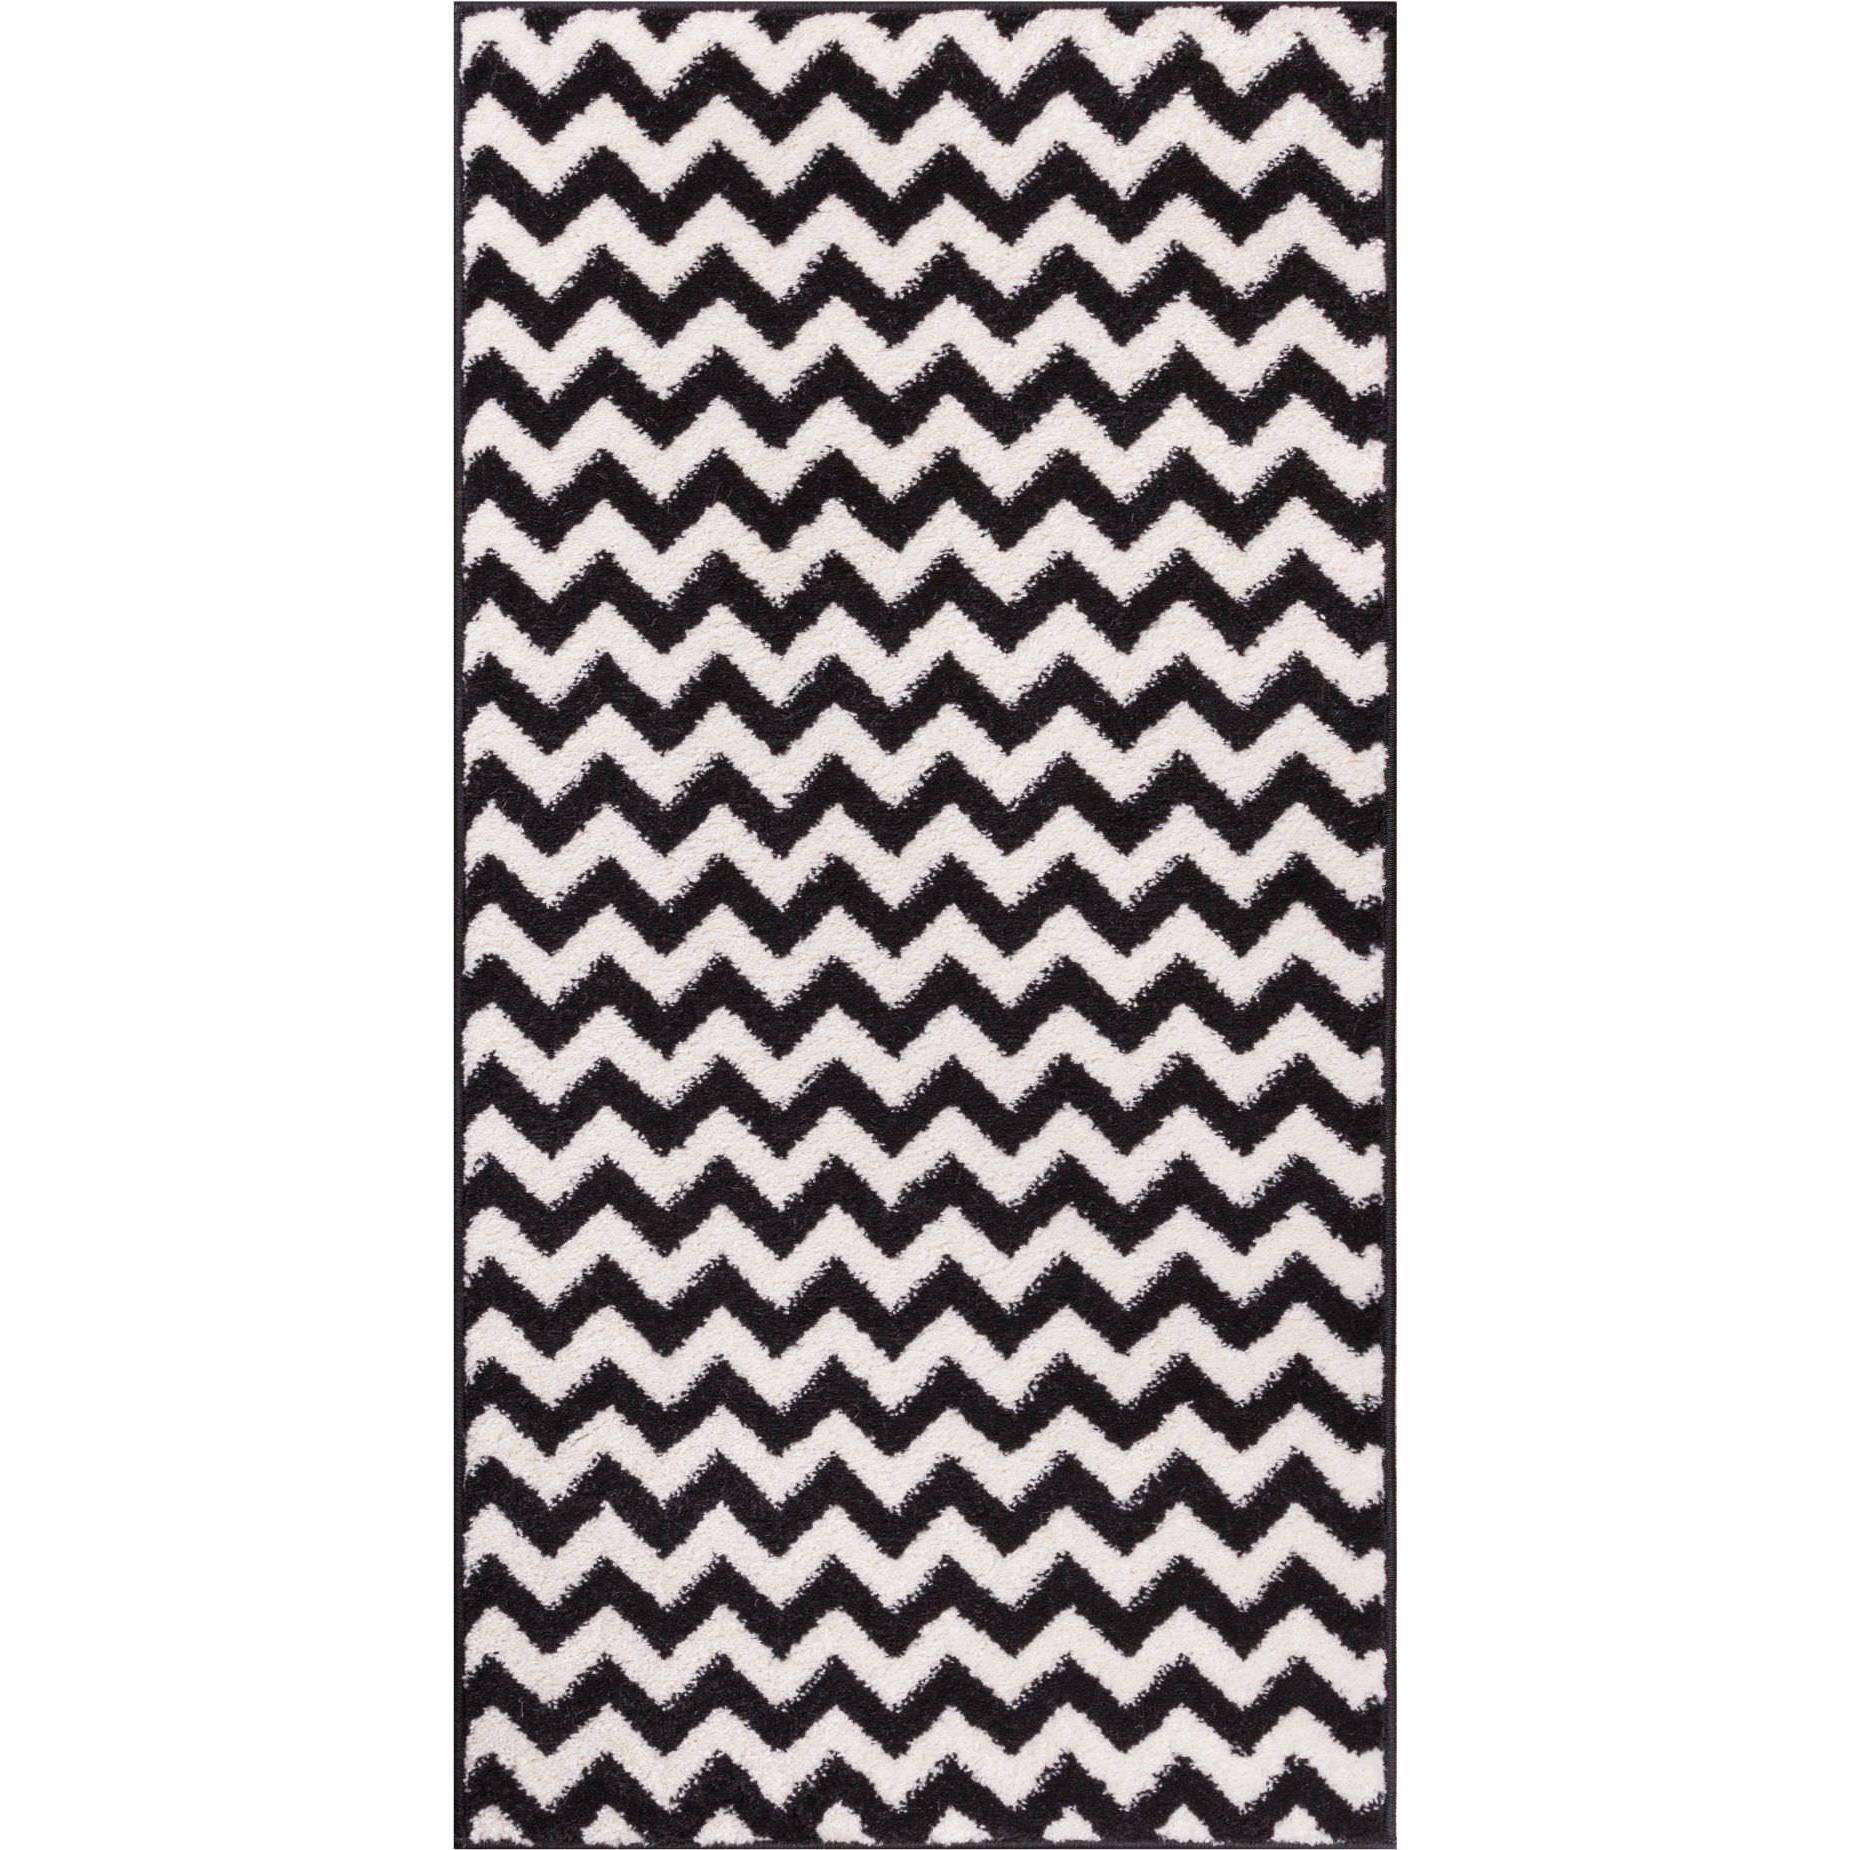 Modern Chevron Geometric Zigazag Stripe